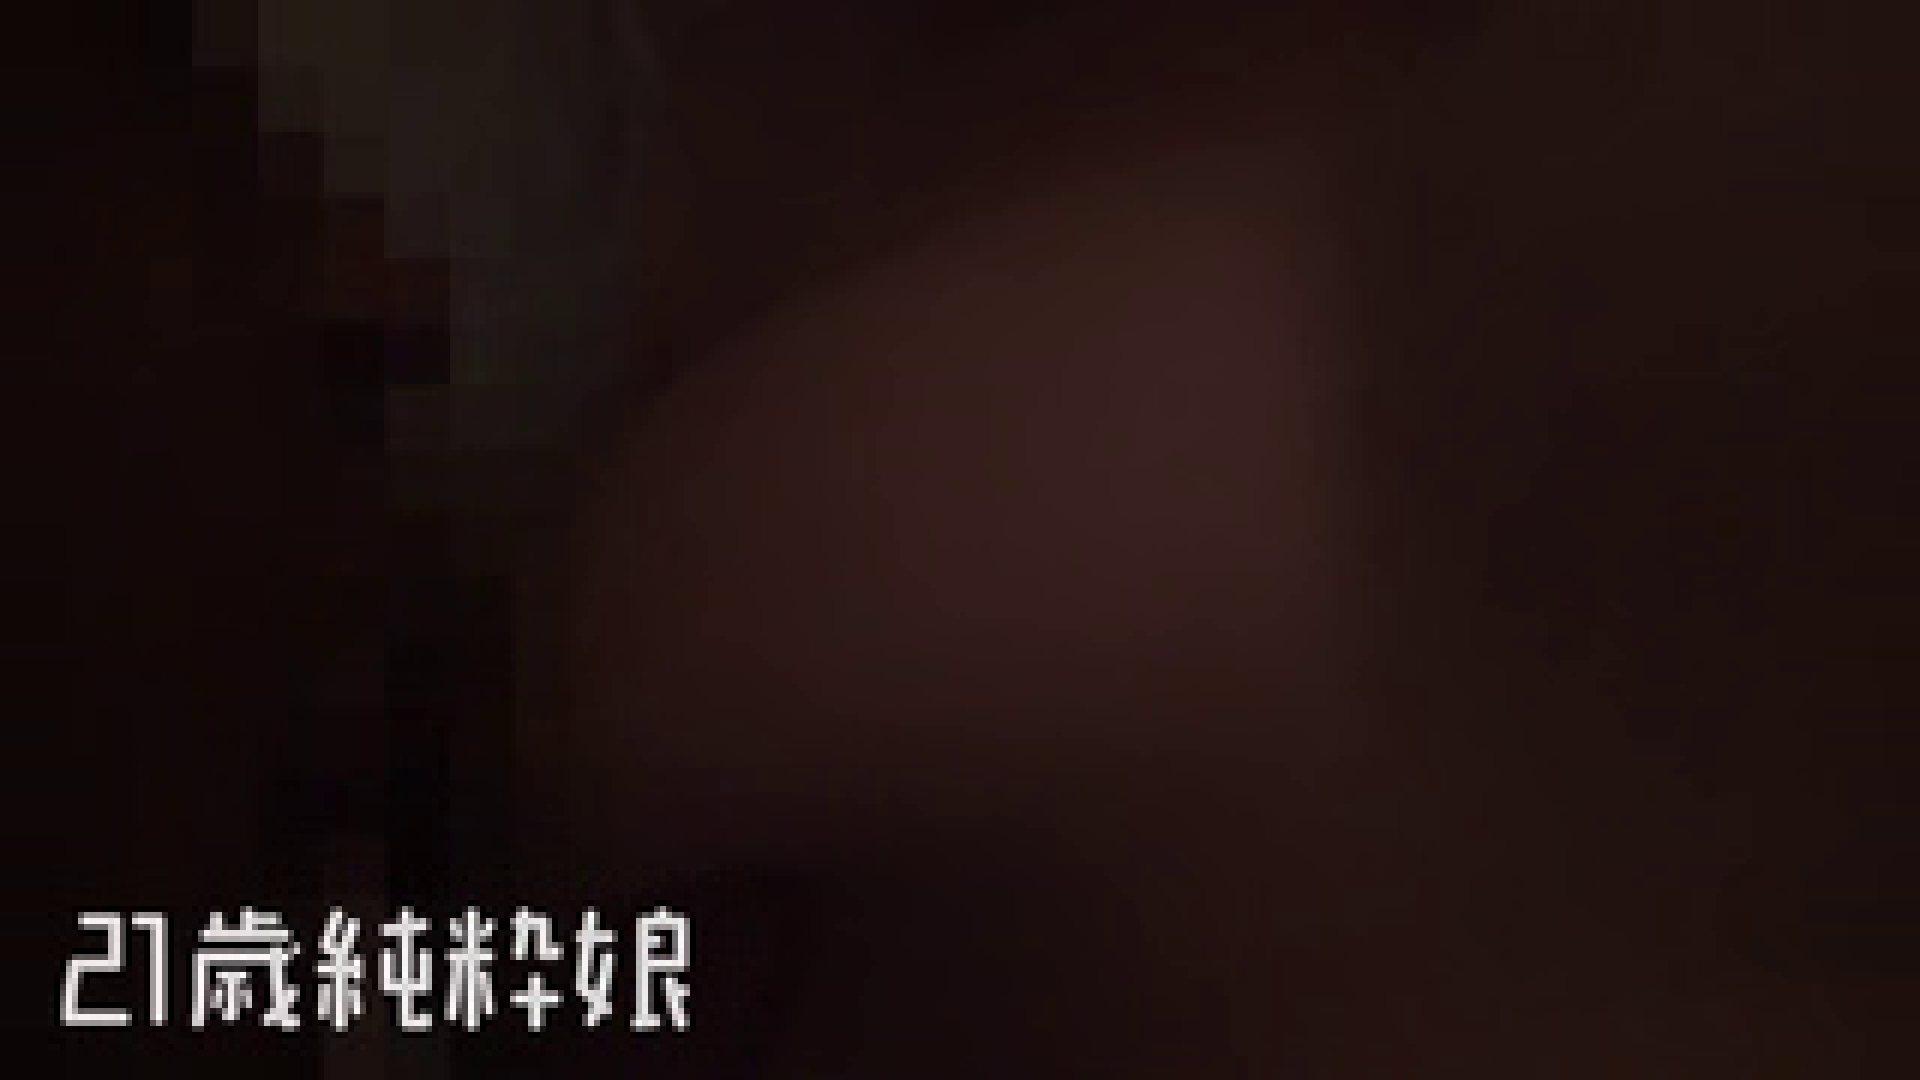 上京したばかりのGカップ21歳純粋嬢を都合の良い女にしてみた4 ホテル  75連発 37